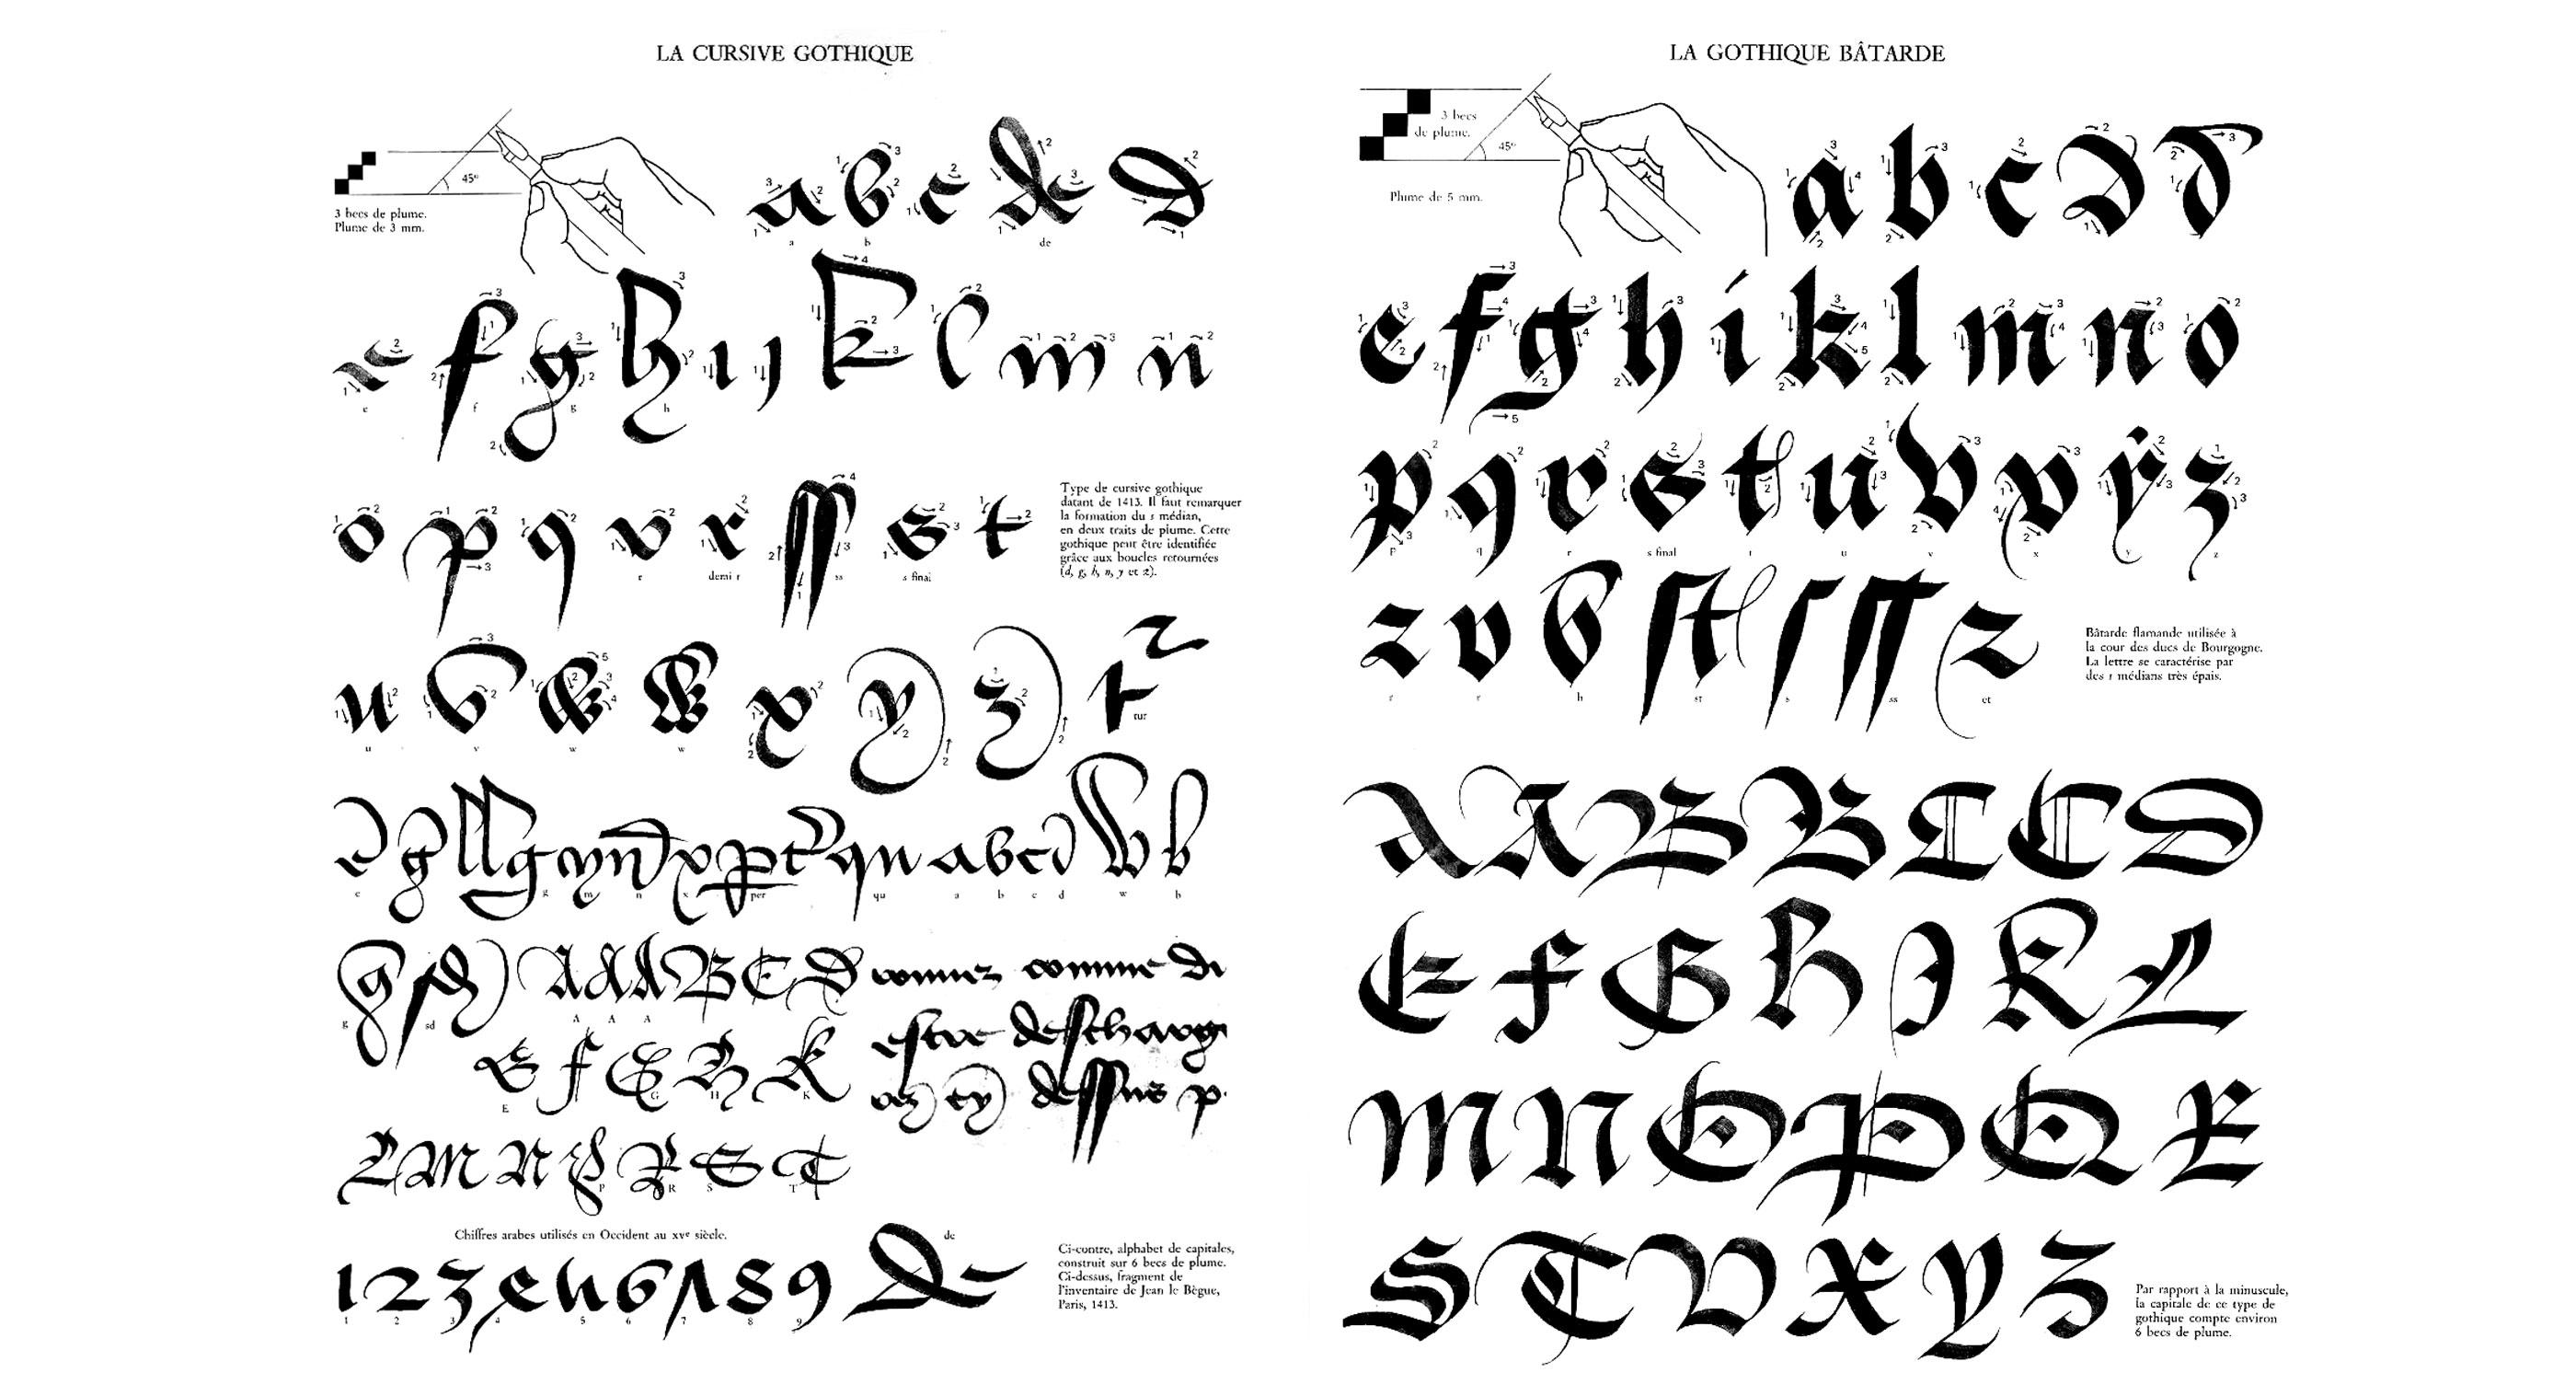 claude-mediavilla-calligraphie-cirsive-gothique-gothique-batarde-nb